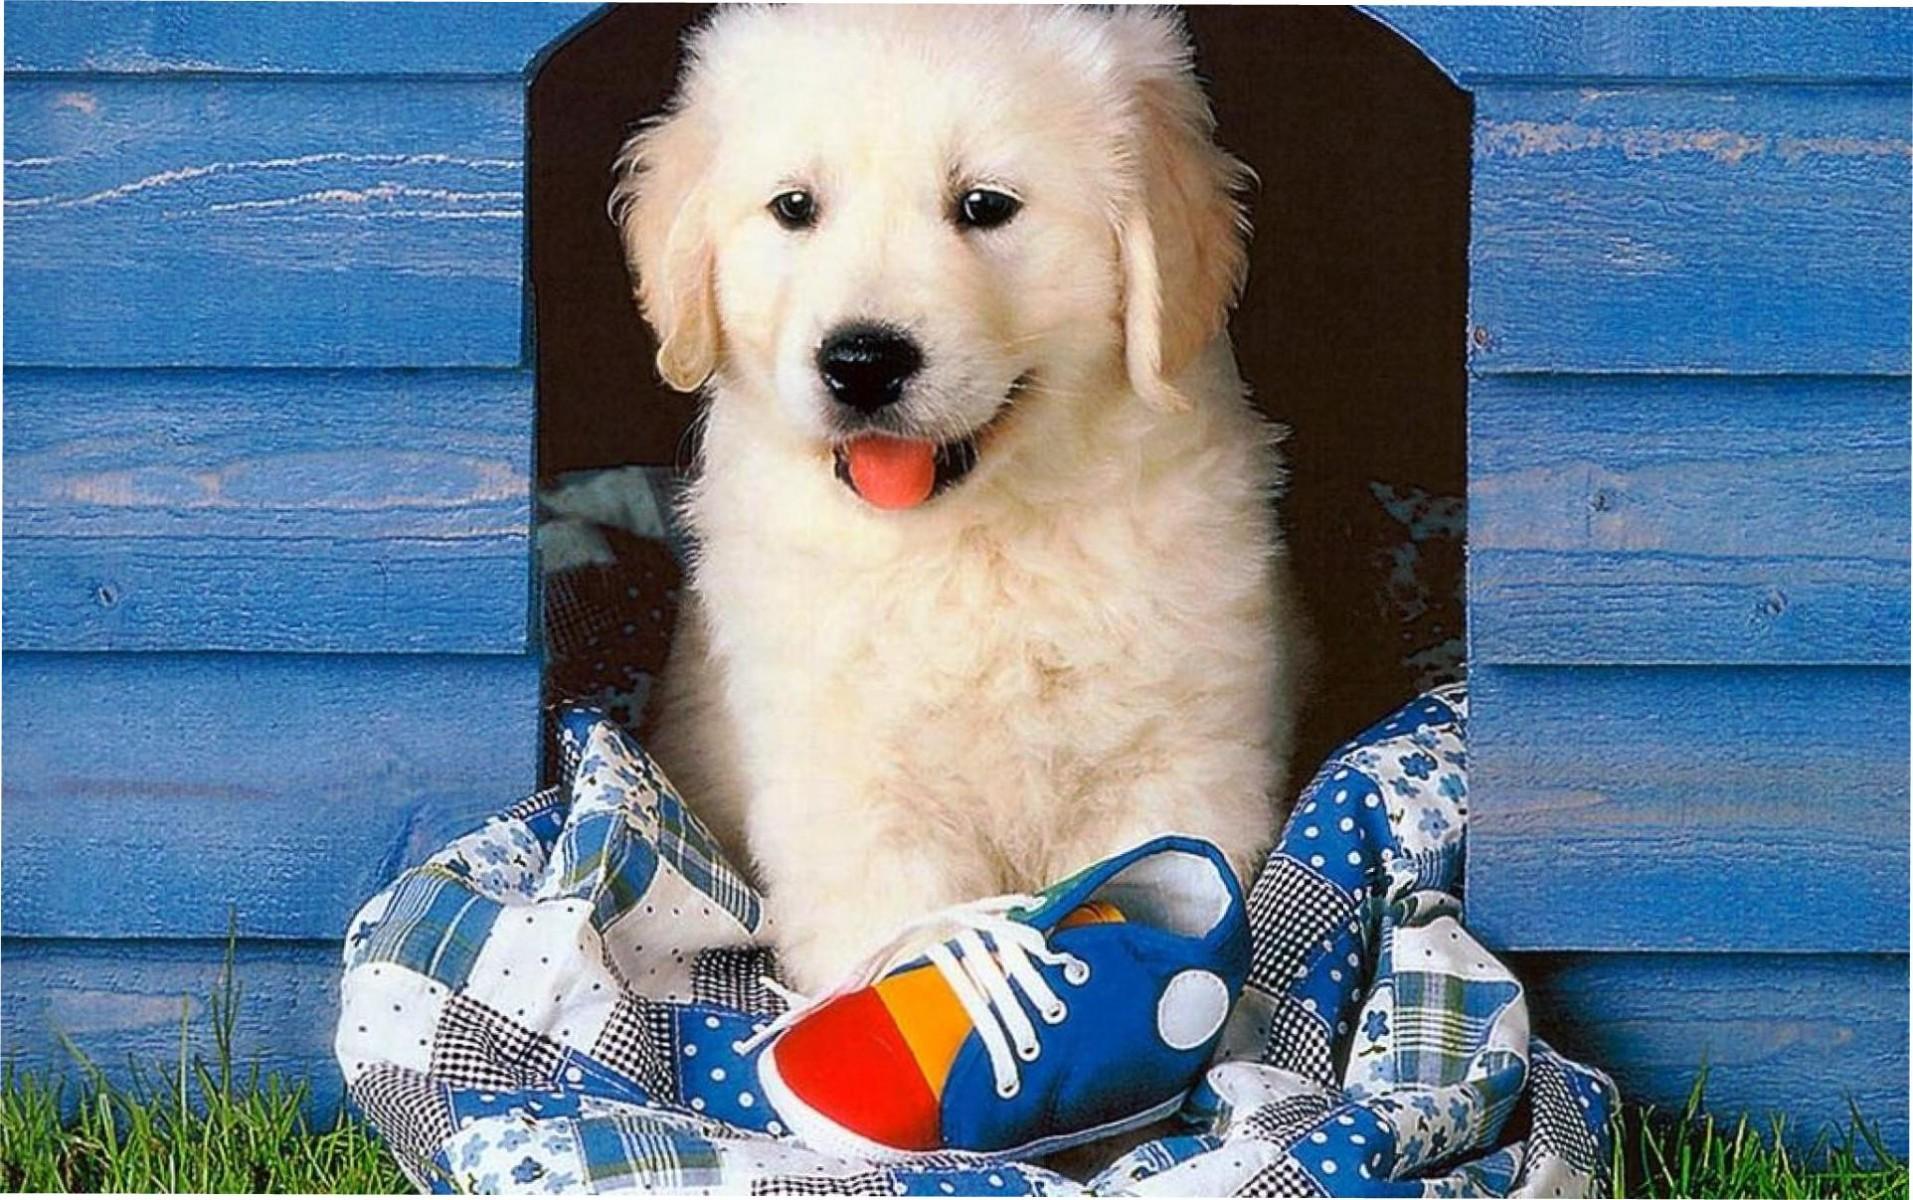 этого картинка собака и дом насыщенного цвета диапазоне